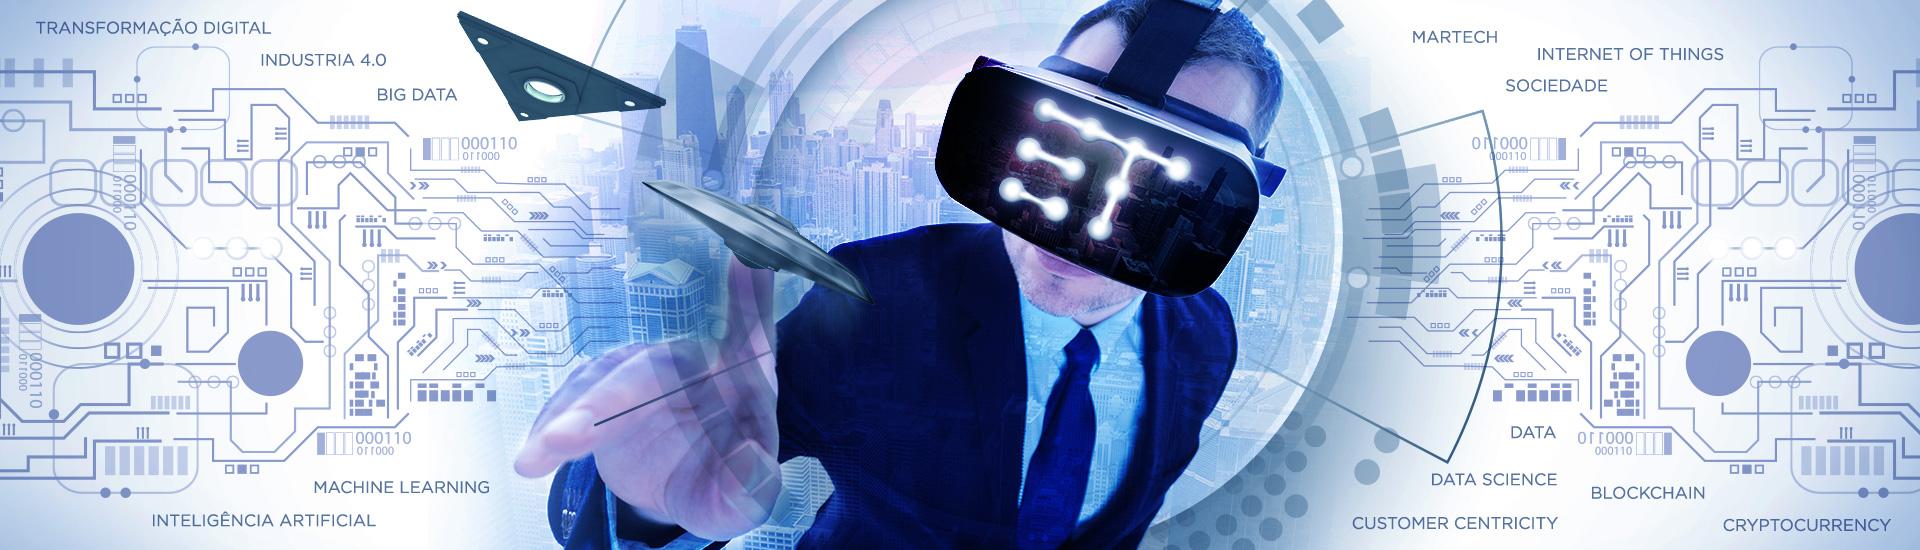 Portal Estratégias Que Transformam – Tecnologia e Inovação